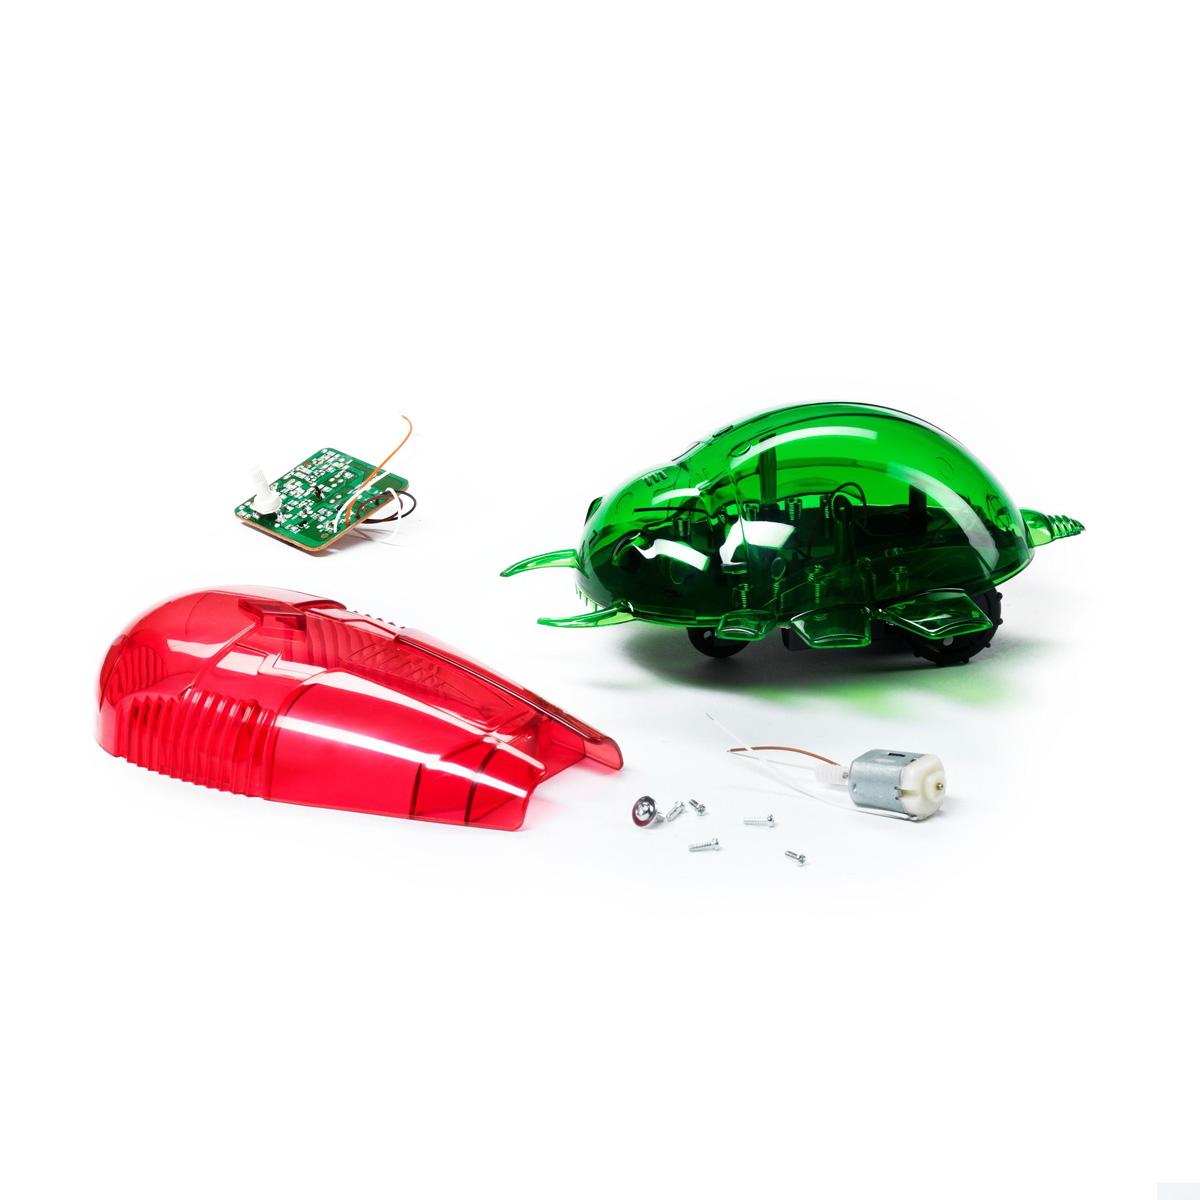 Научно-познавательный набор Bondibon РобототехникаВВ0992Удивить друзей, управляя жуком-роботом при помощи пульта от телевизора или обычного фонарика? О таком ваш малыш даже не мечтал! С научно-познавательным набором «Робототехника» он подчинит себе сразу двух роботов, способных выполнять различные команды. Например, вовремя будить. Для управления ими достаточно пульта от телевизора или плеера, а также естественного света. Фонарик тоже подойдет. Набор помогает ребенку познать основы робототехники и узнать о том, что такое инфракрасный и световой сенсоры. Роботы управляются дистанционно на расстоянии до двух метров. О том, как и почему это происходит, рассказывает яркая понятная брошюра.